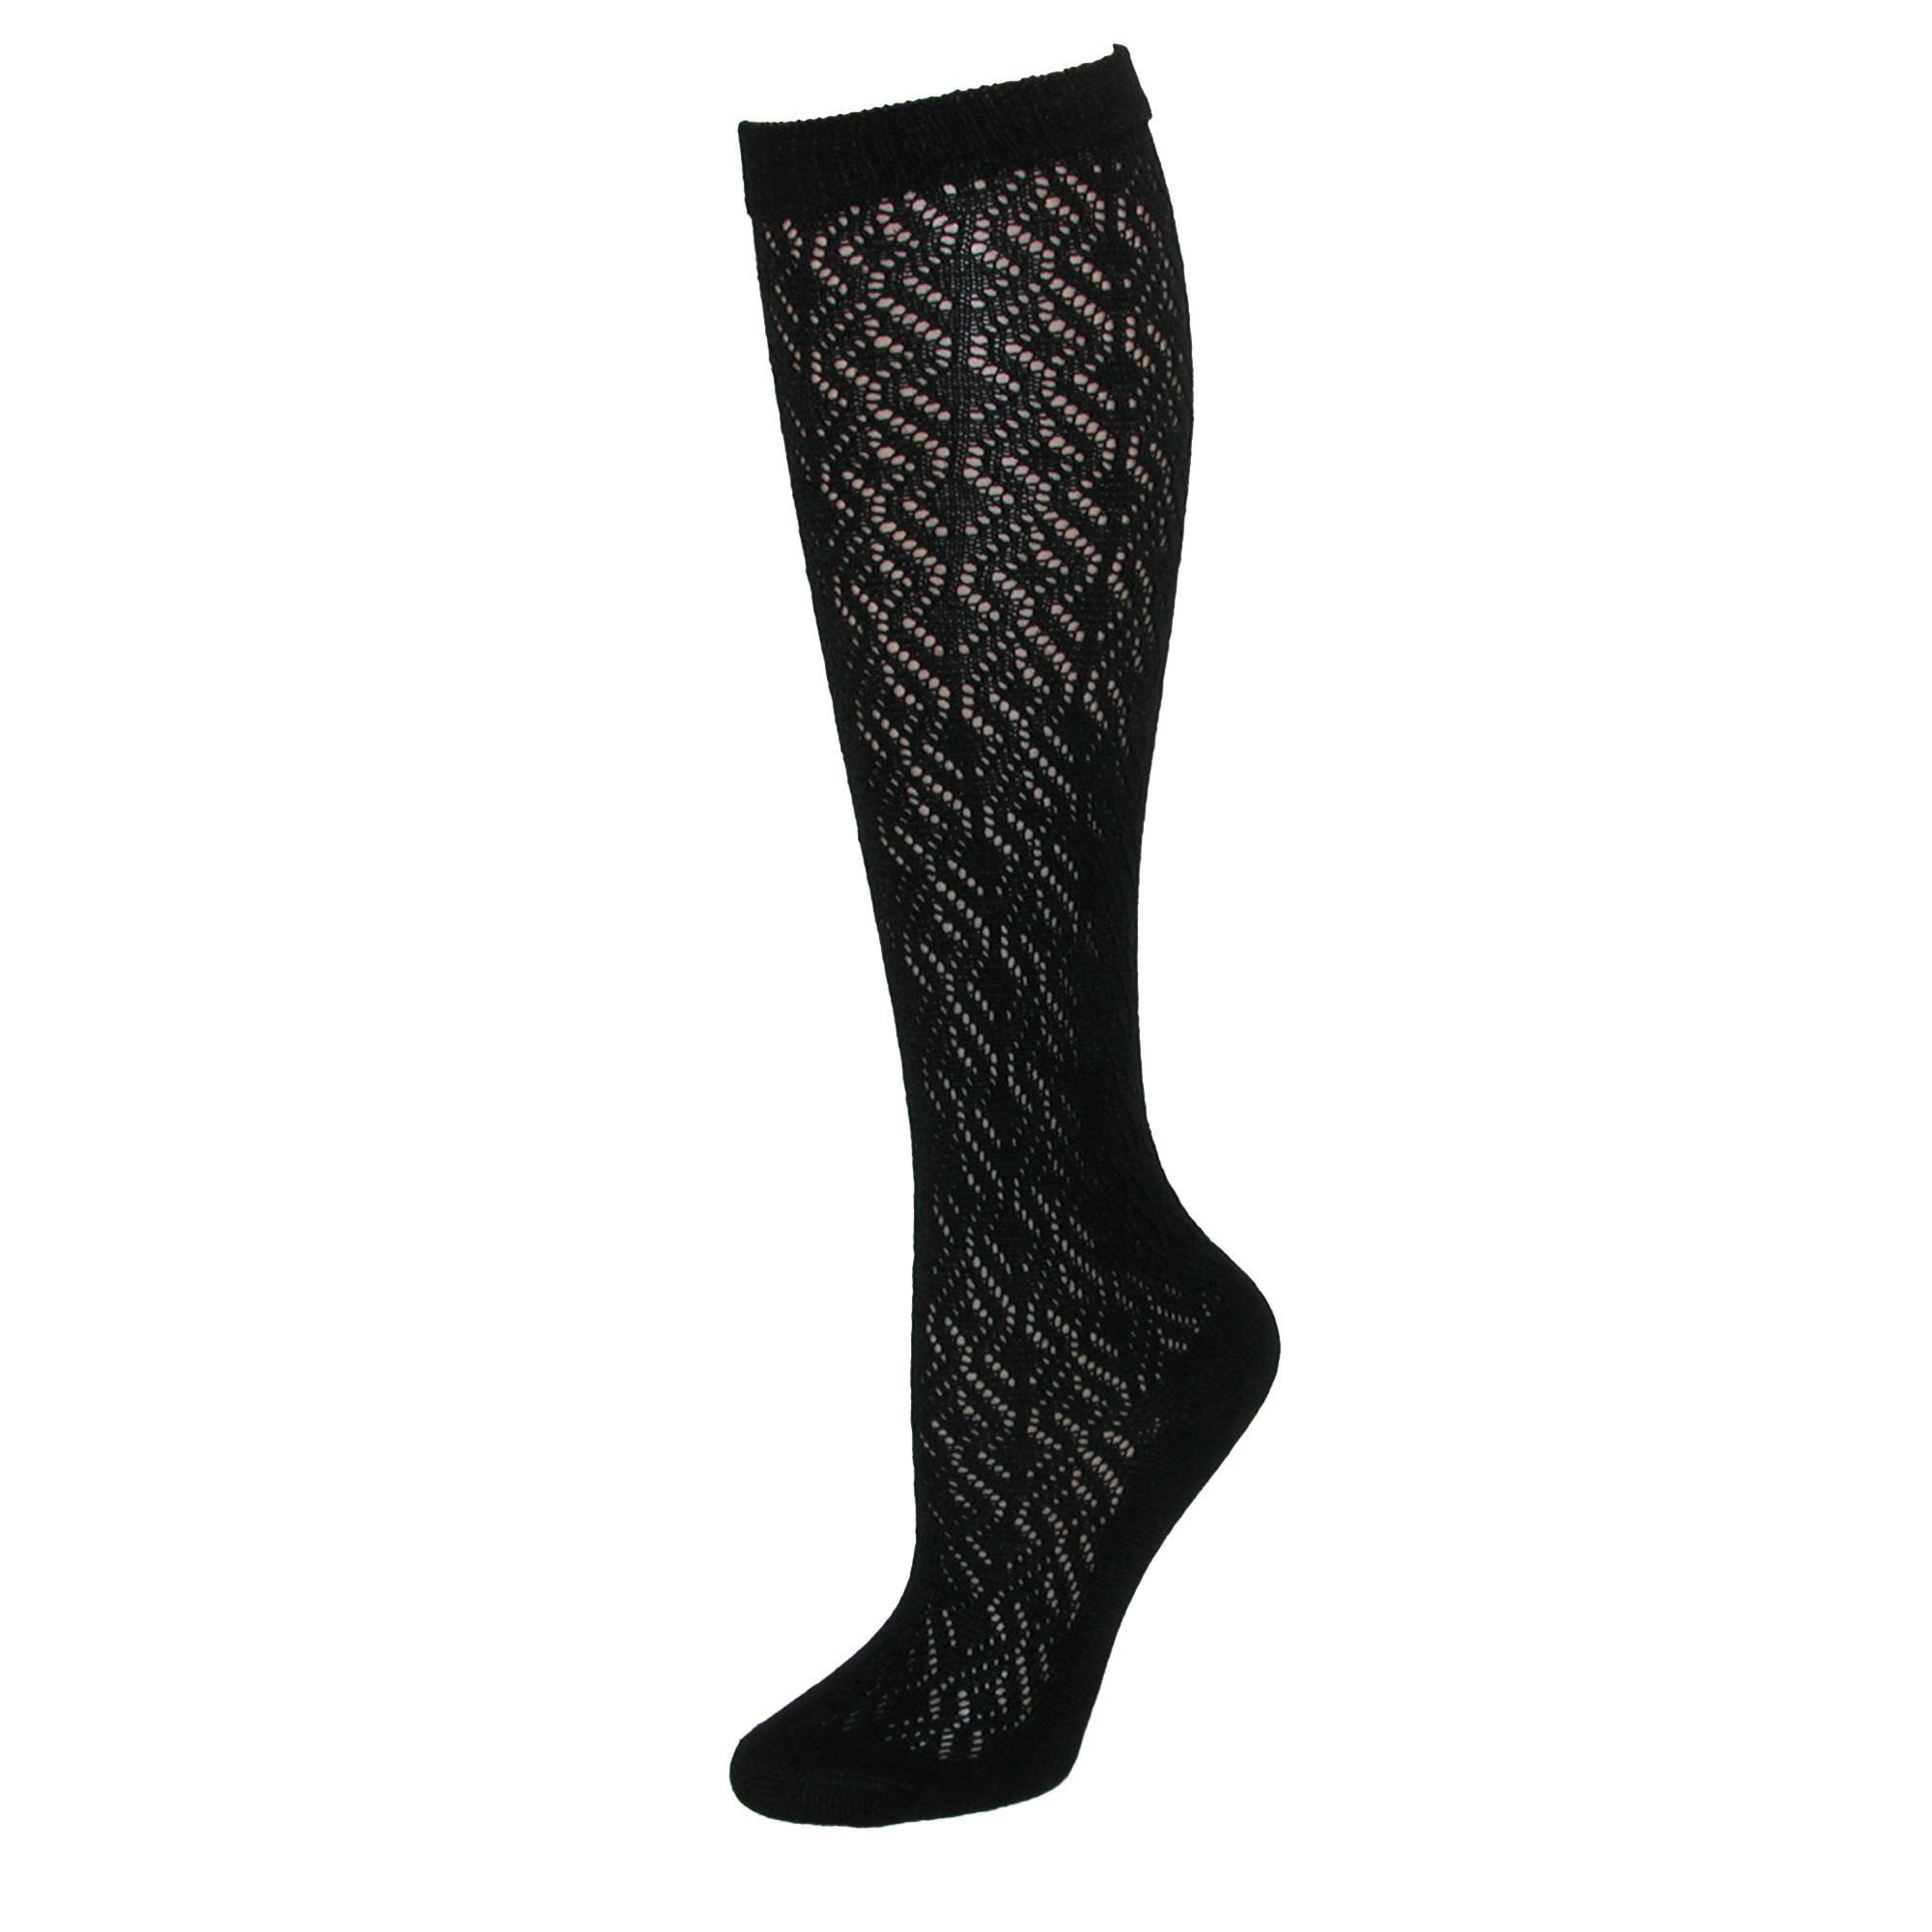 90860854b Jefferies Socks Girl s Pointelle Textured Knee Socks (2 Pair Pack ...